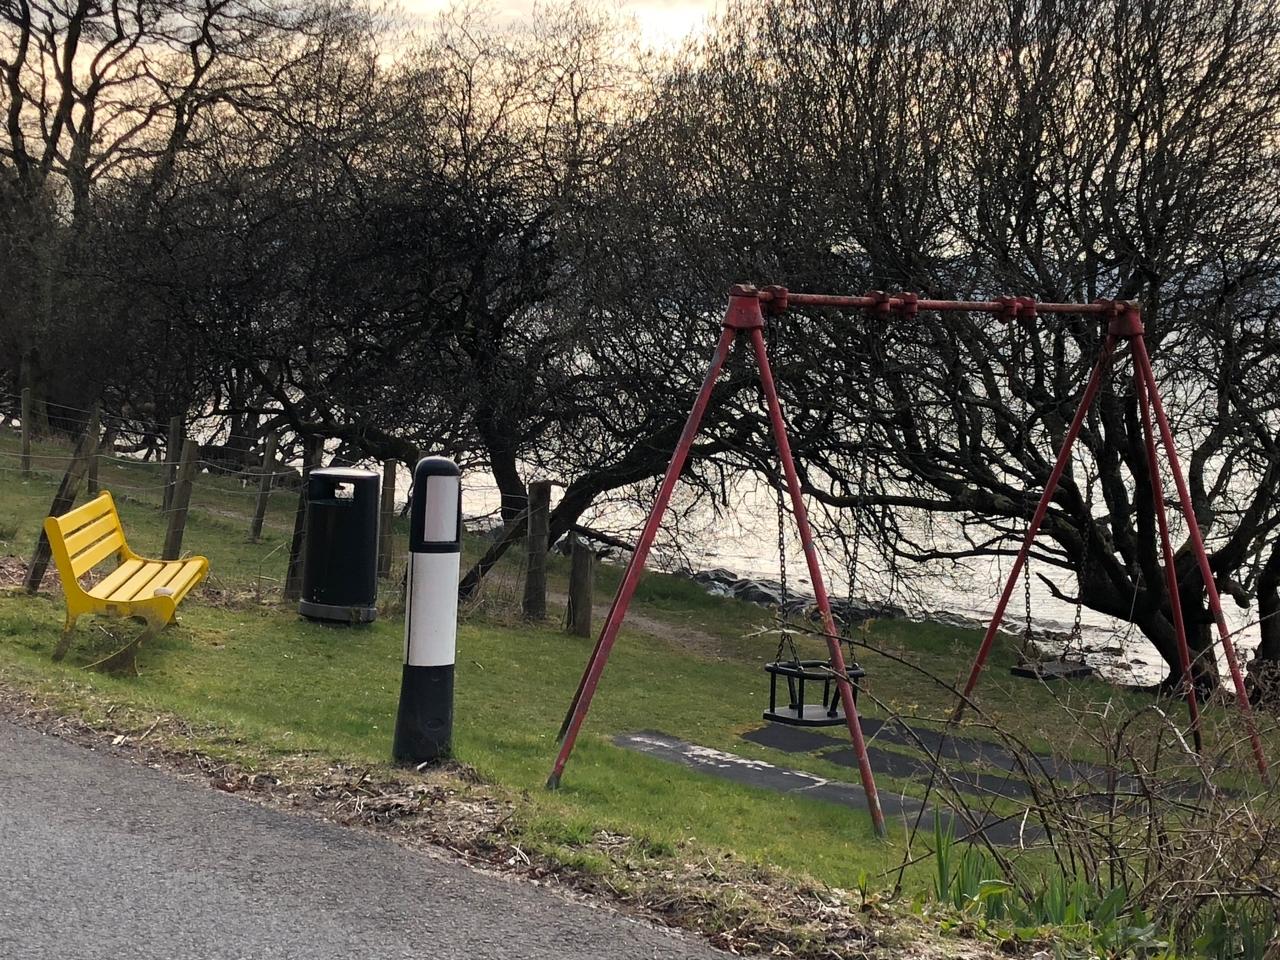 Whitefarland Swing Park